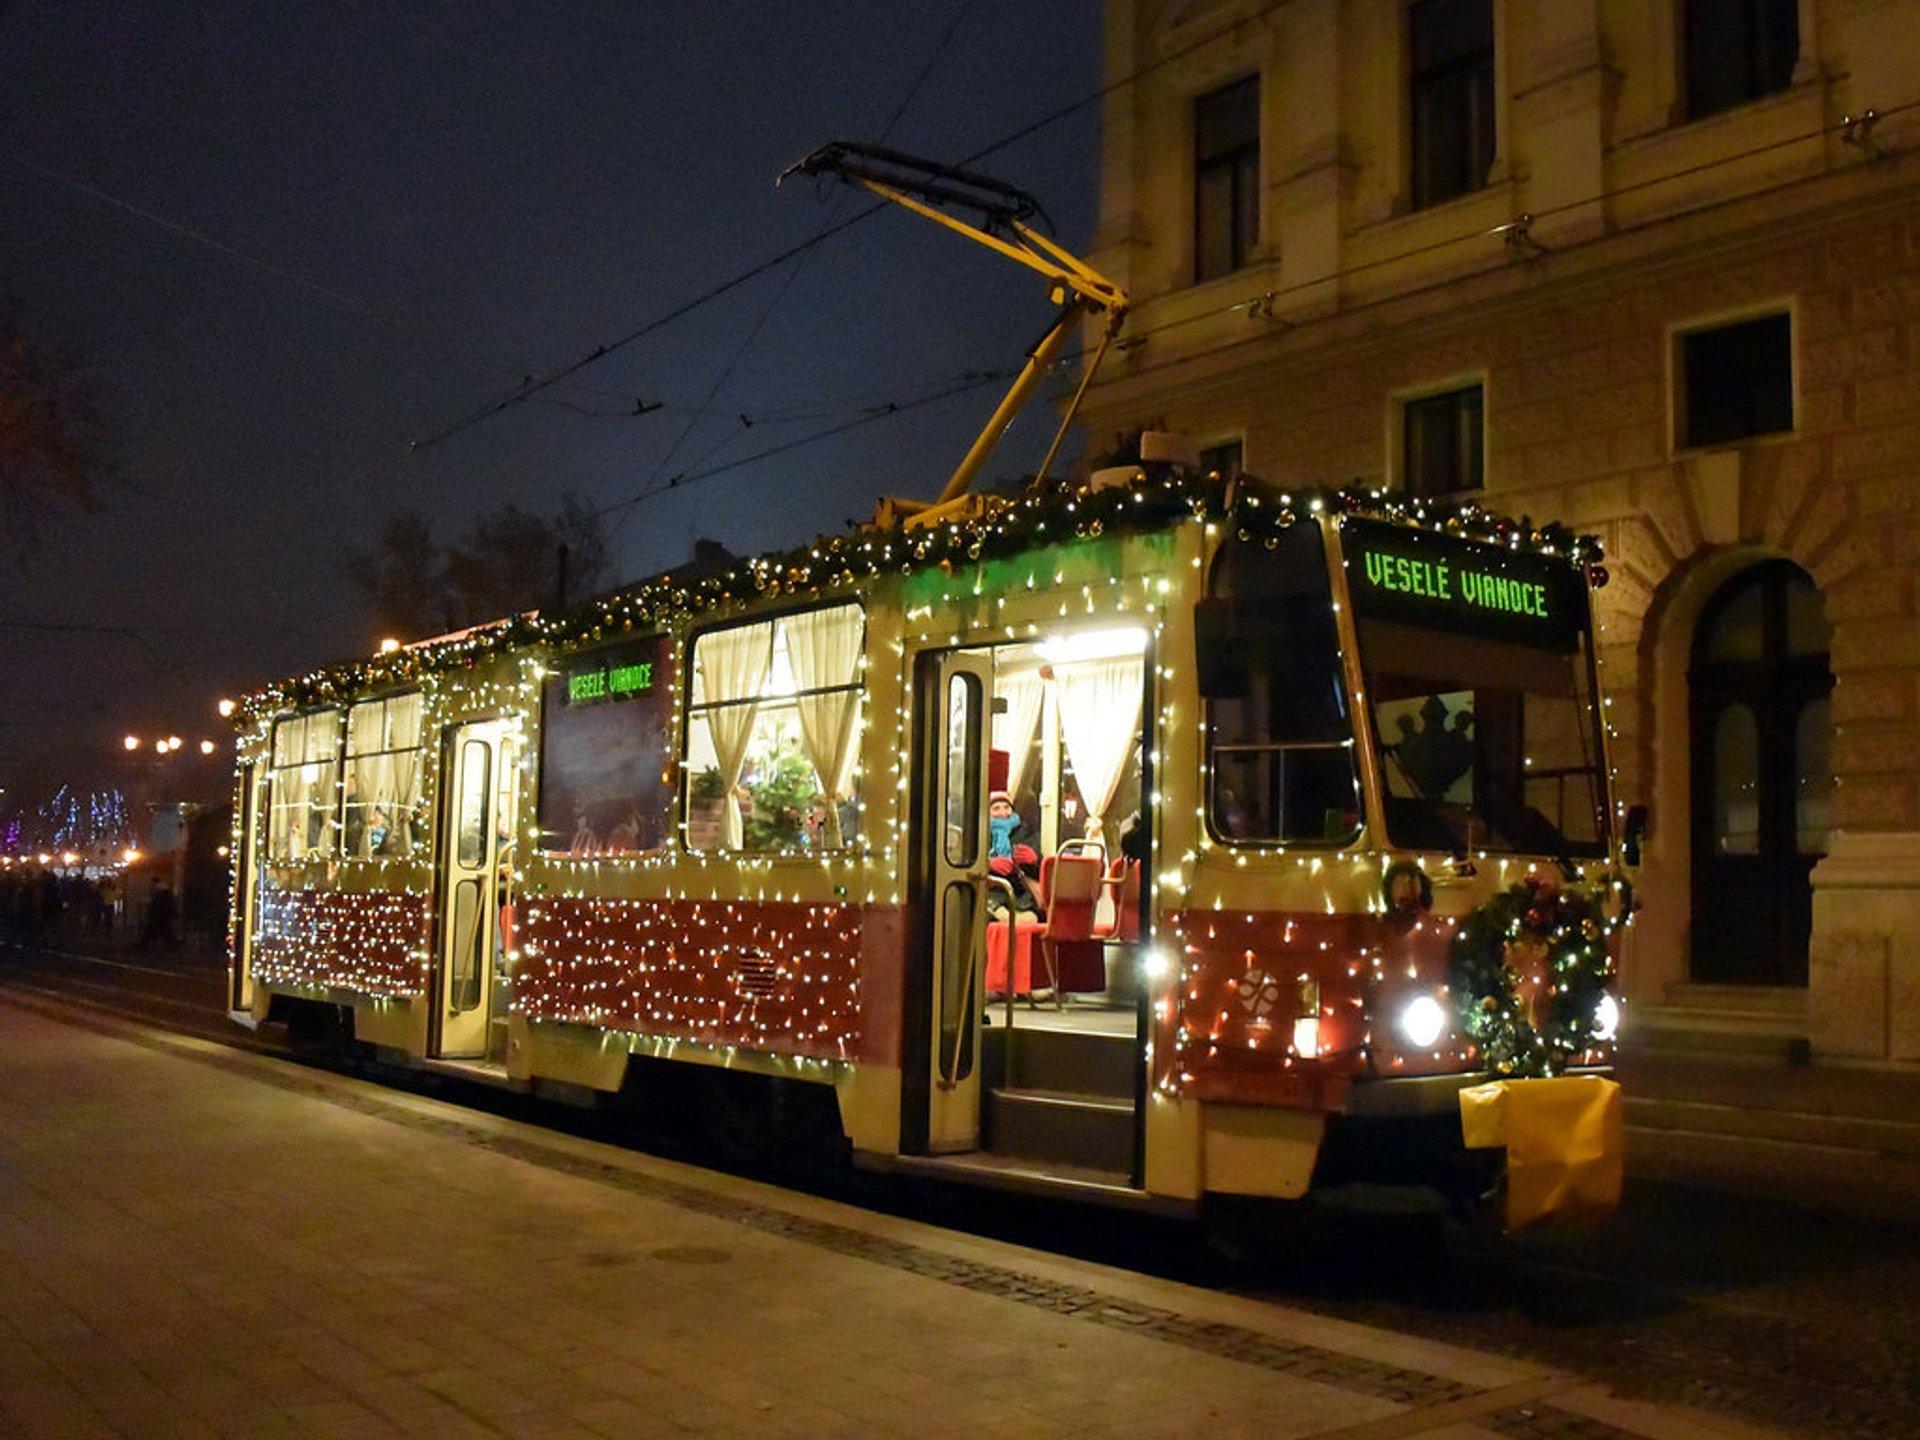 Christmas Tram in Bratislava in Slovakia - Best Season 2019